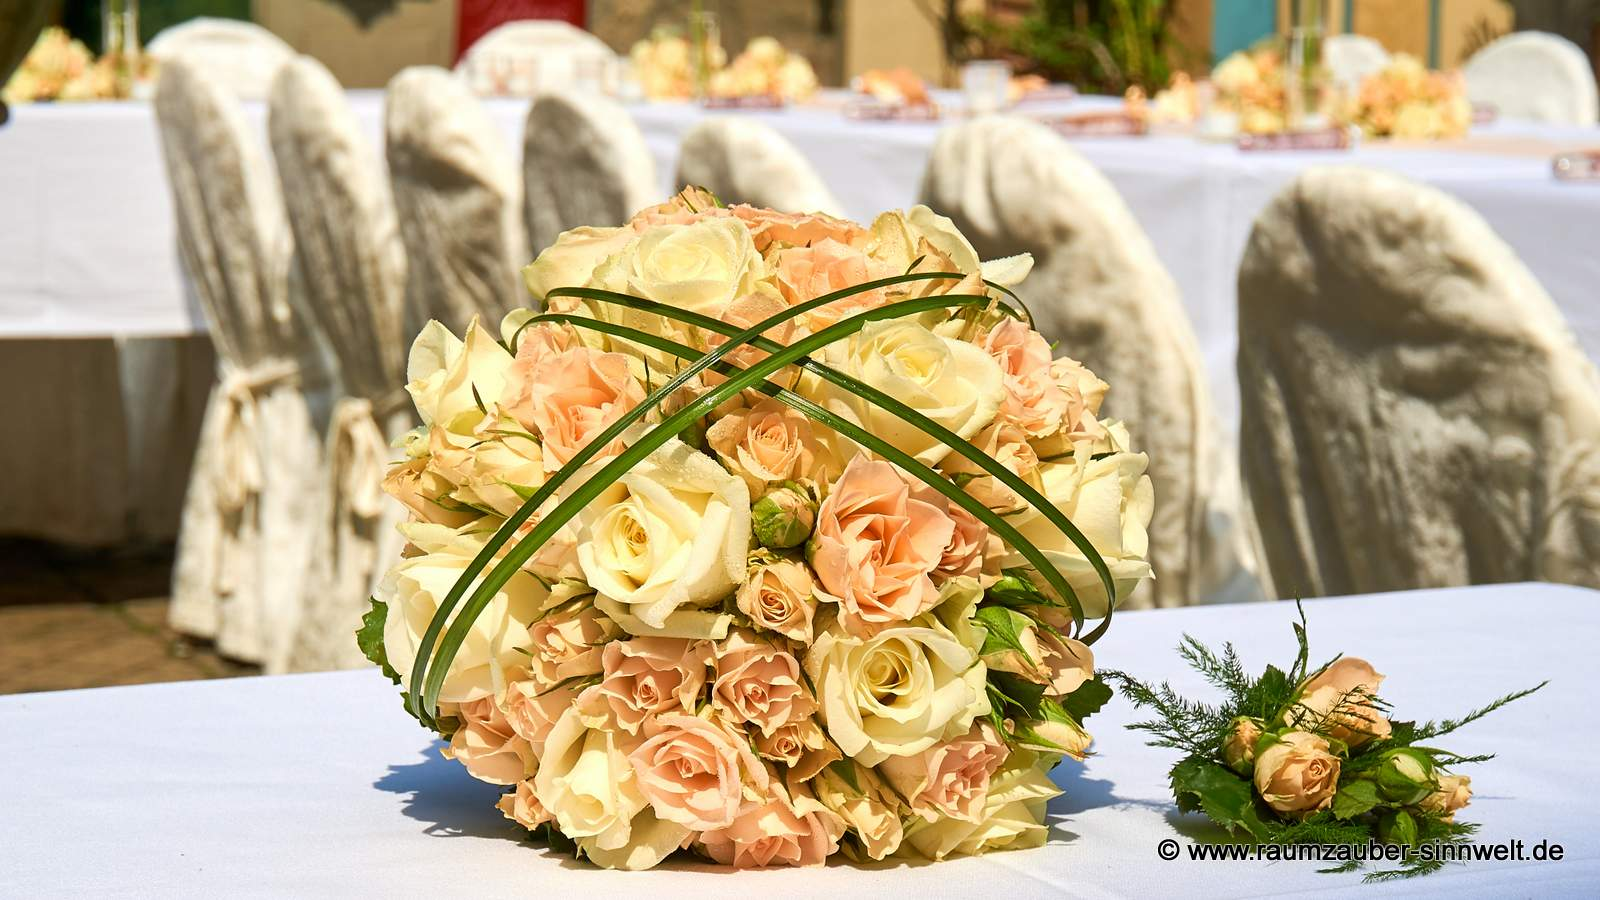 Brautstrauß mit Rosen und passendem Herrenanstecker